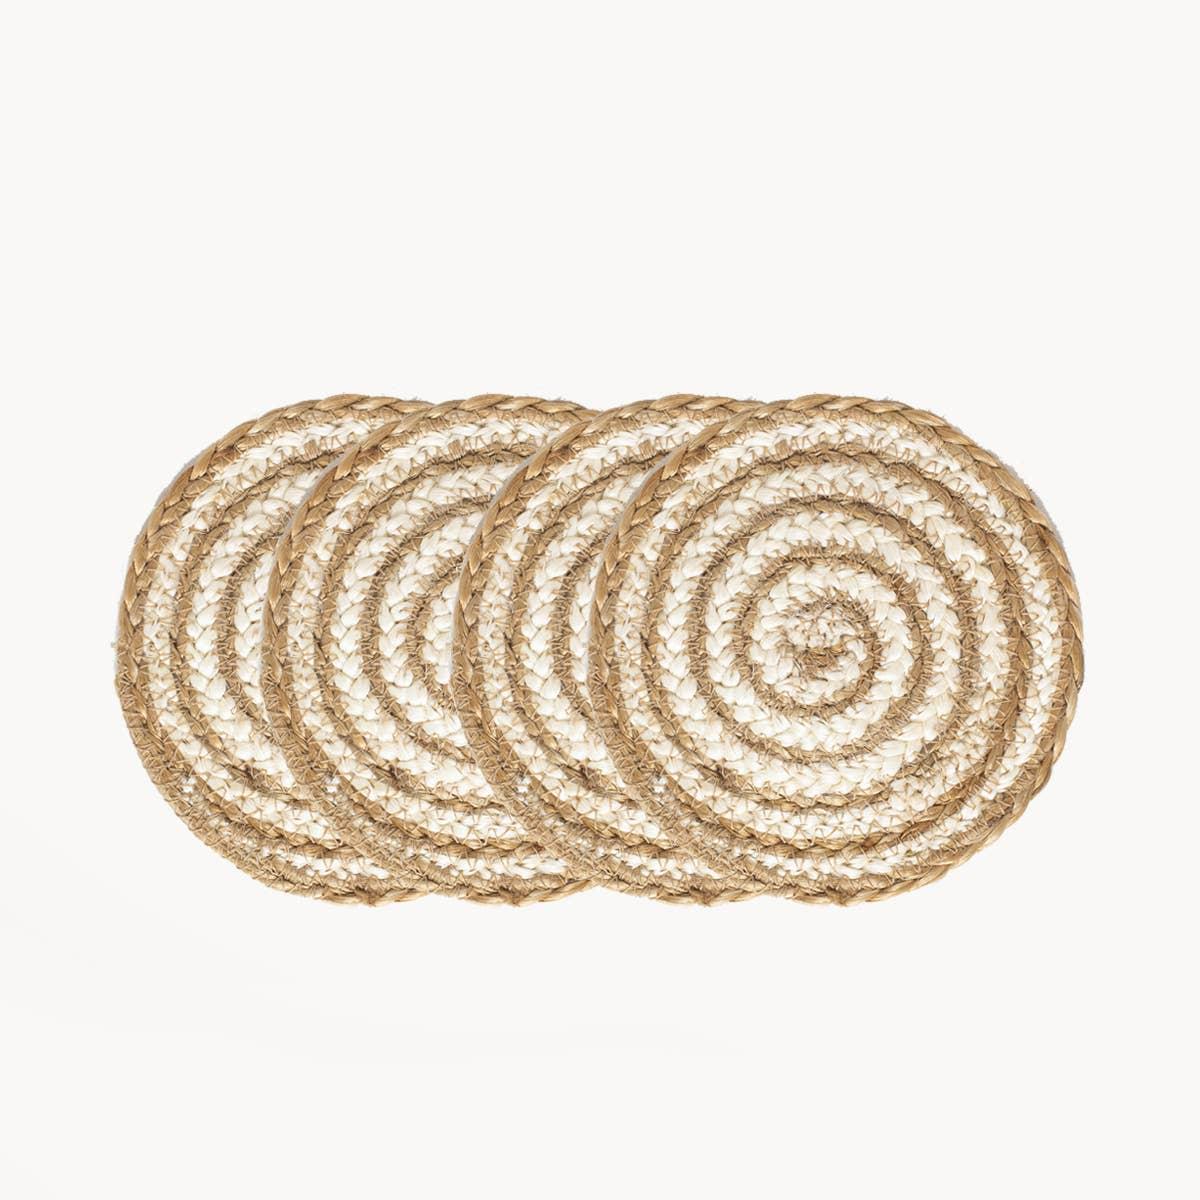 Kata Spiral Coaster - Natural (Set of 4) | Trada Marketplace